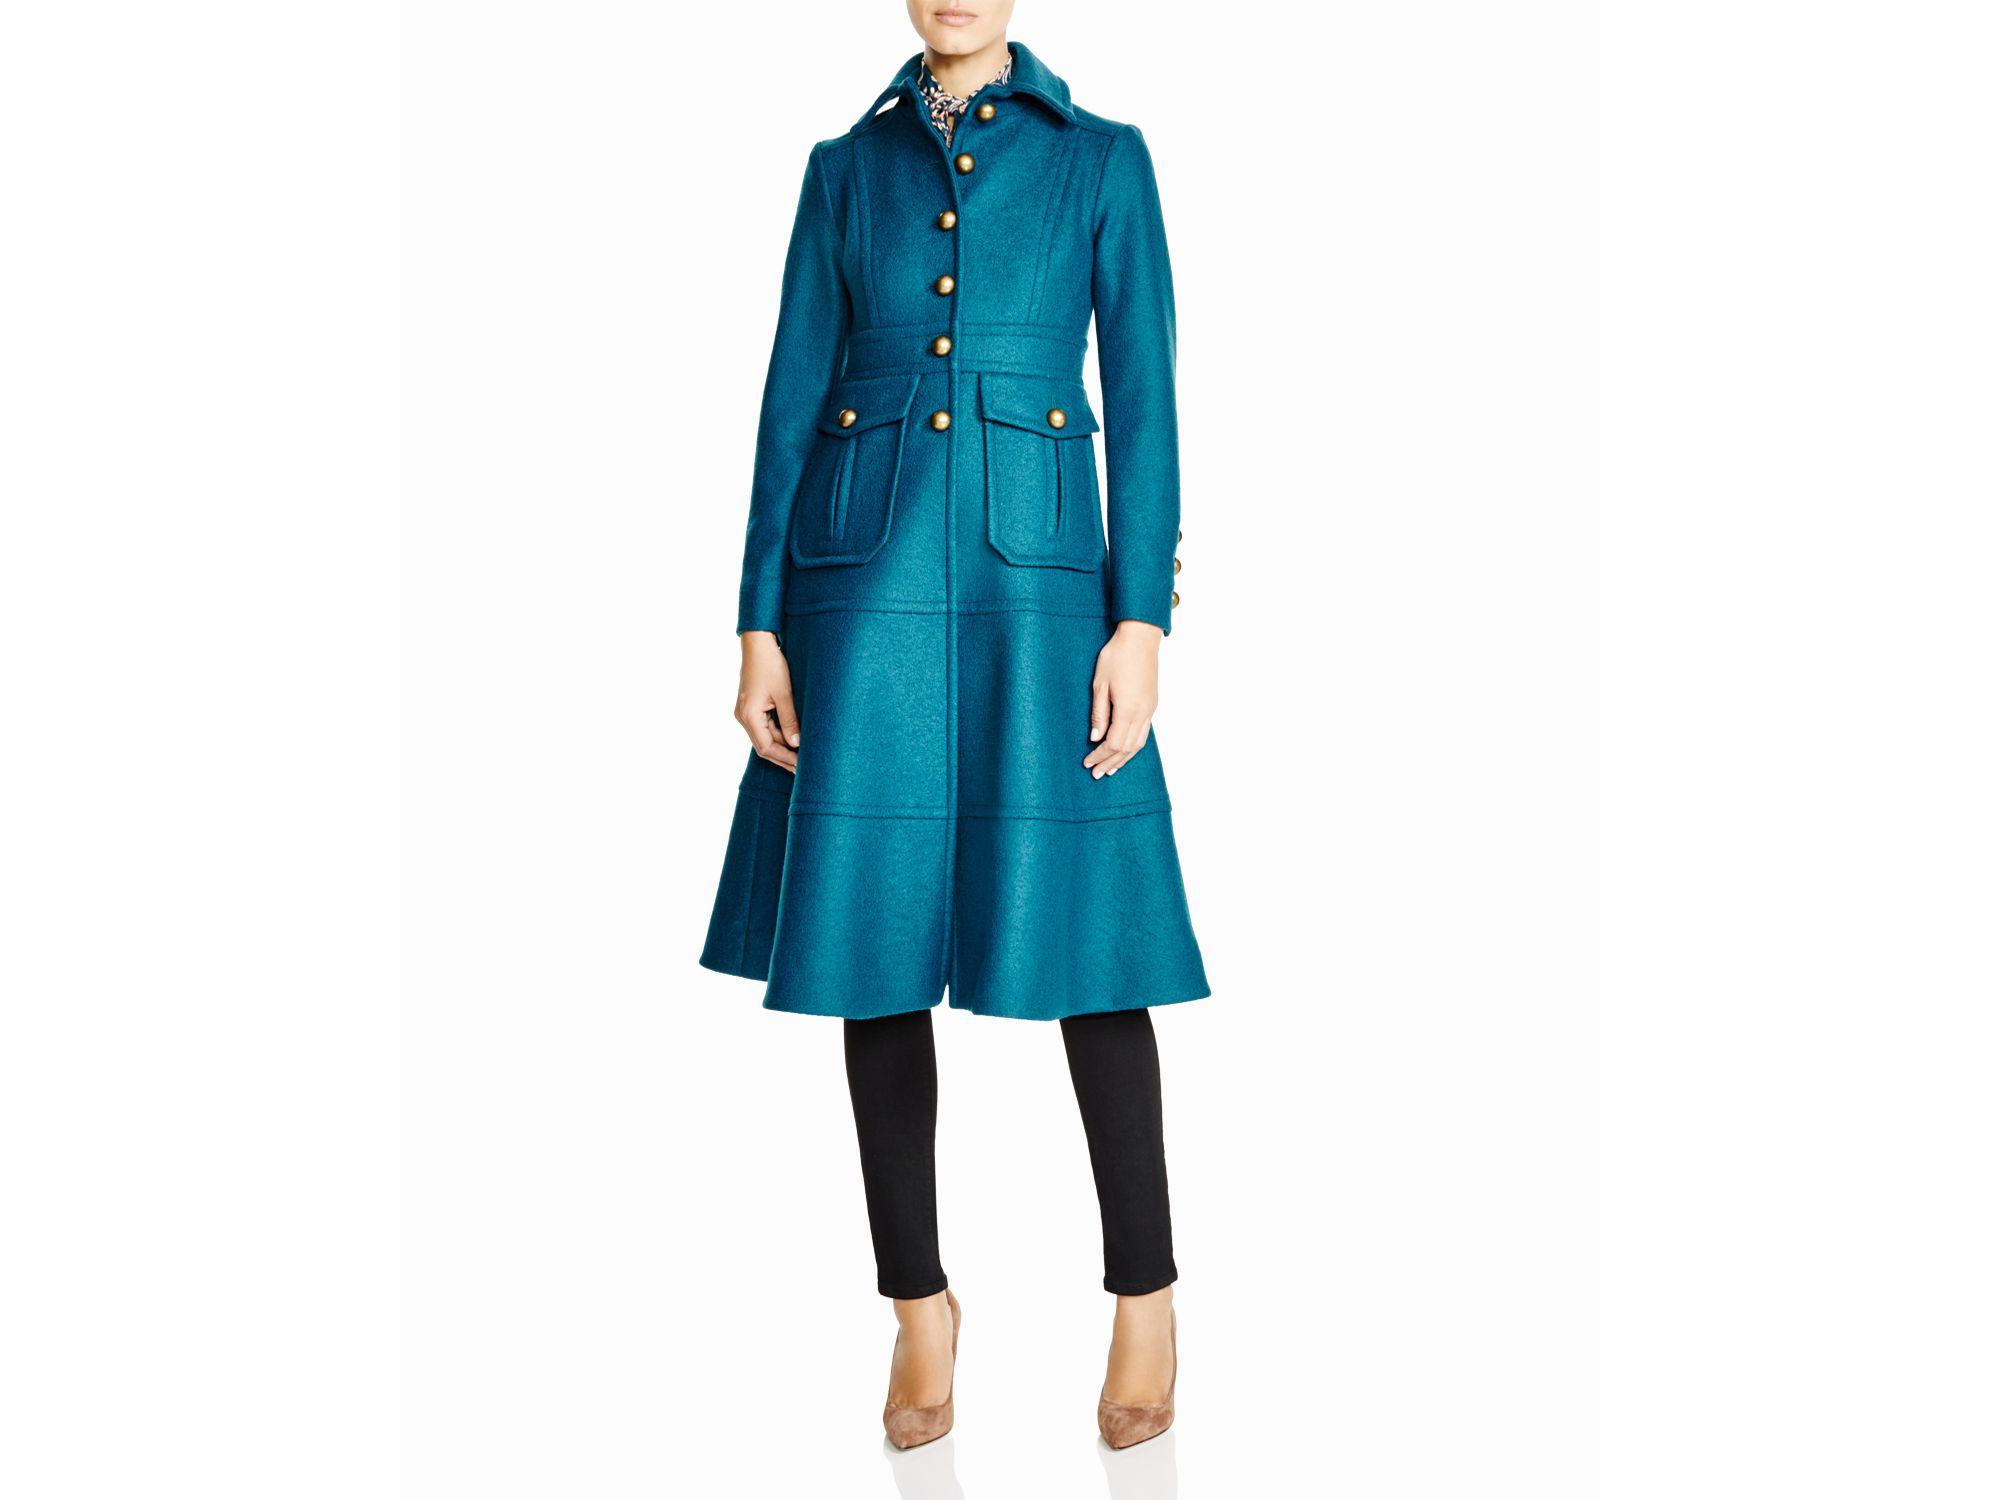 Nanette lepore Femme Fatale Wool Coat in Blue | Lyst